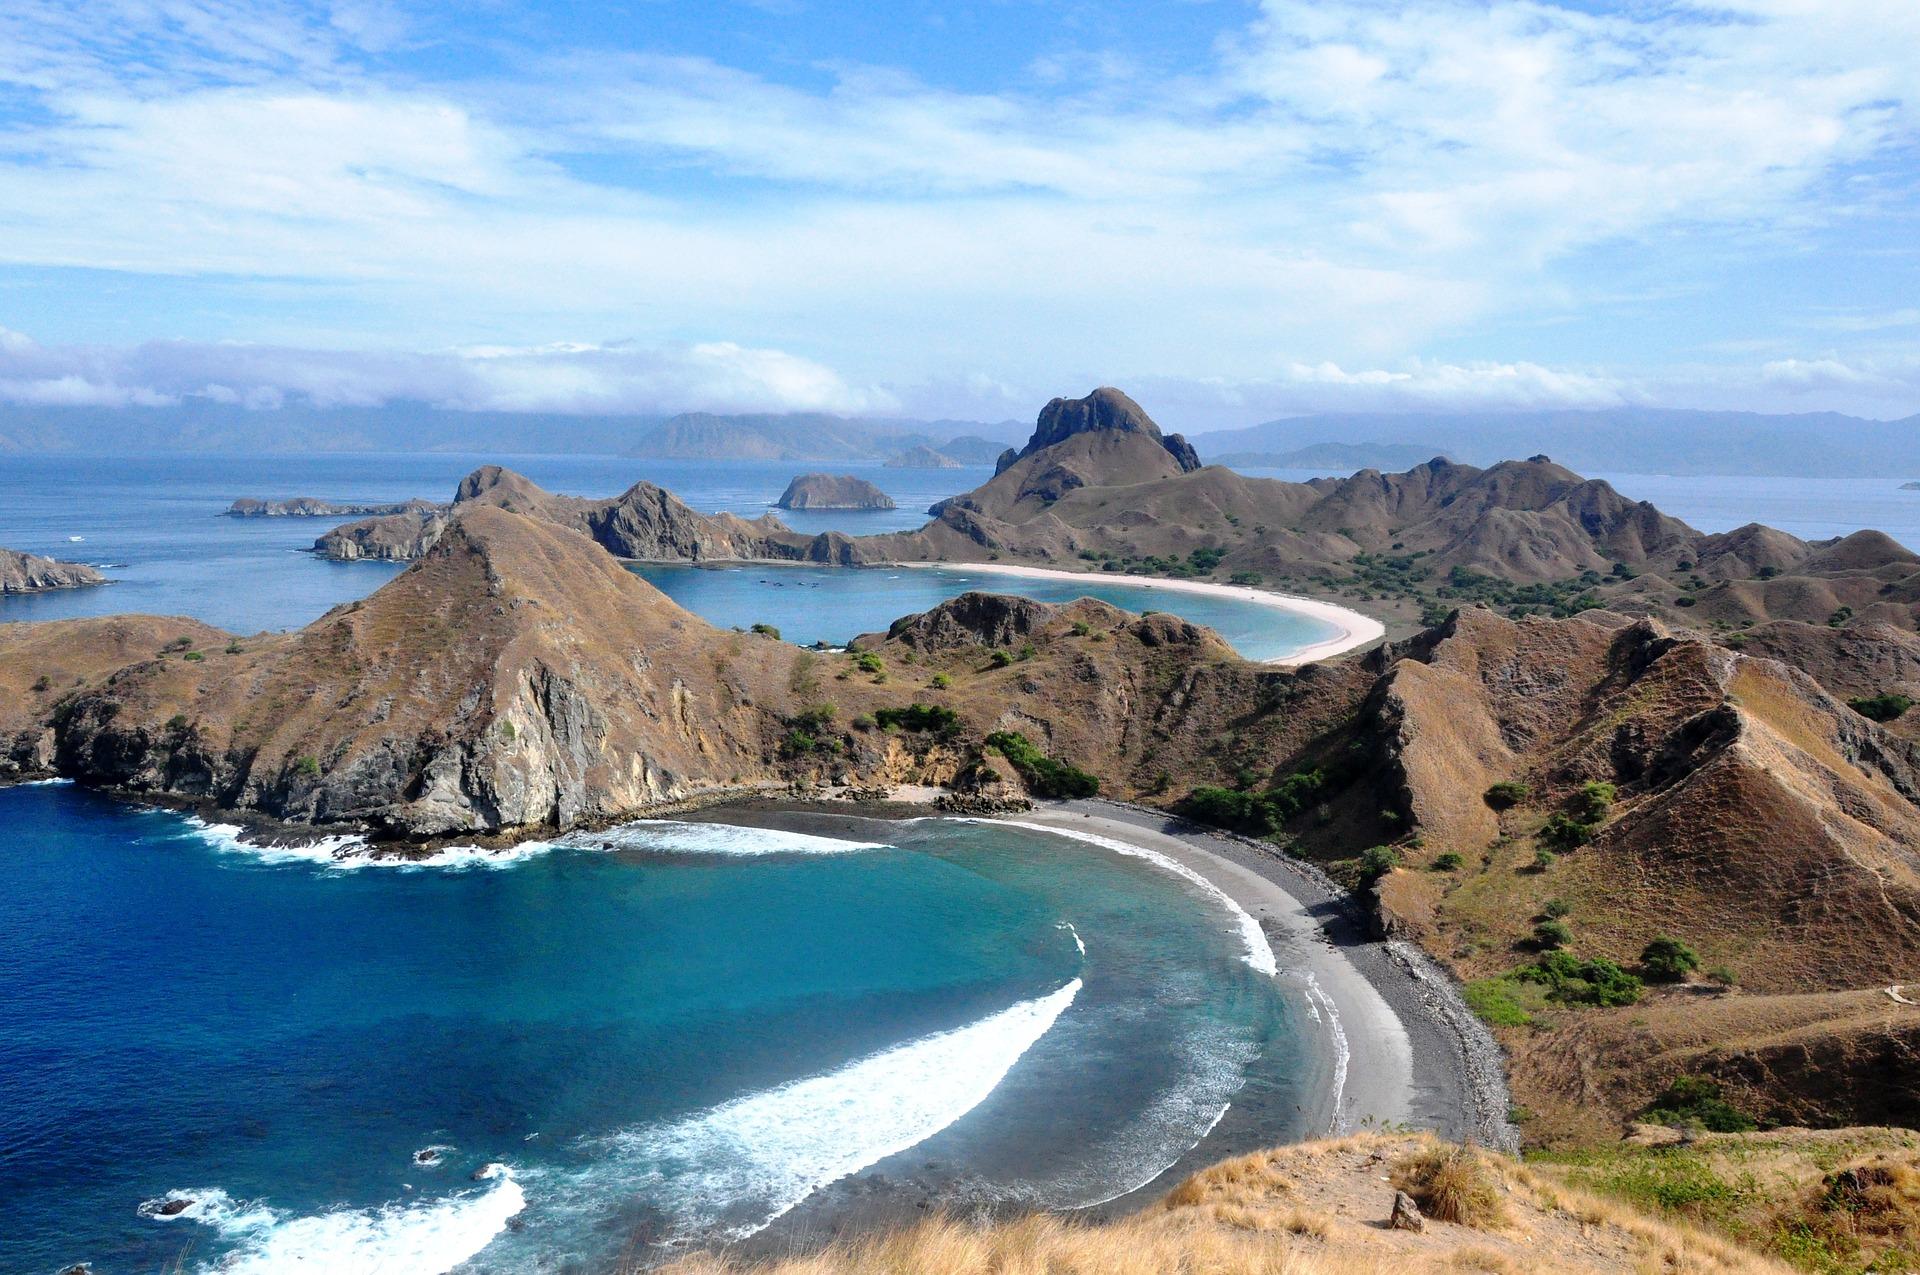 Sárkányvadászat az aktív vulkánok között - Indonézia Indonézia